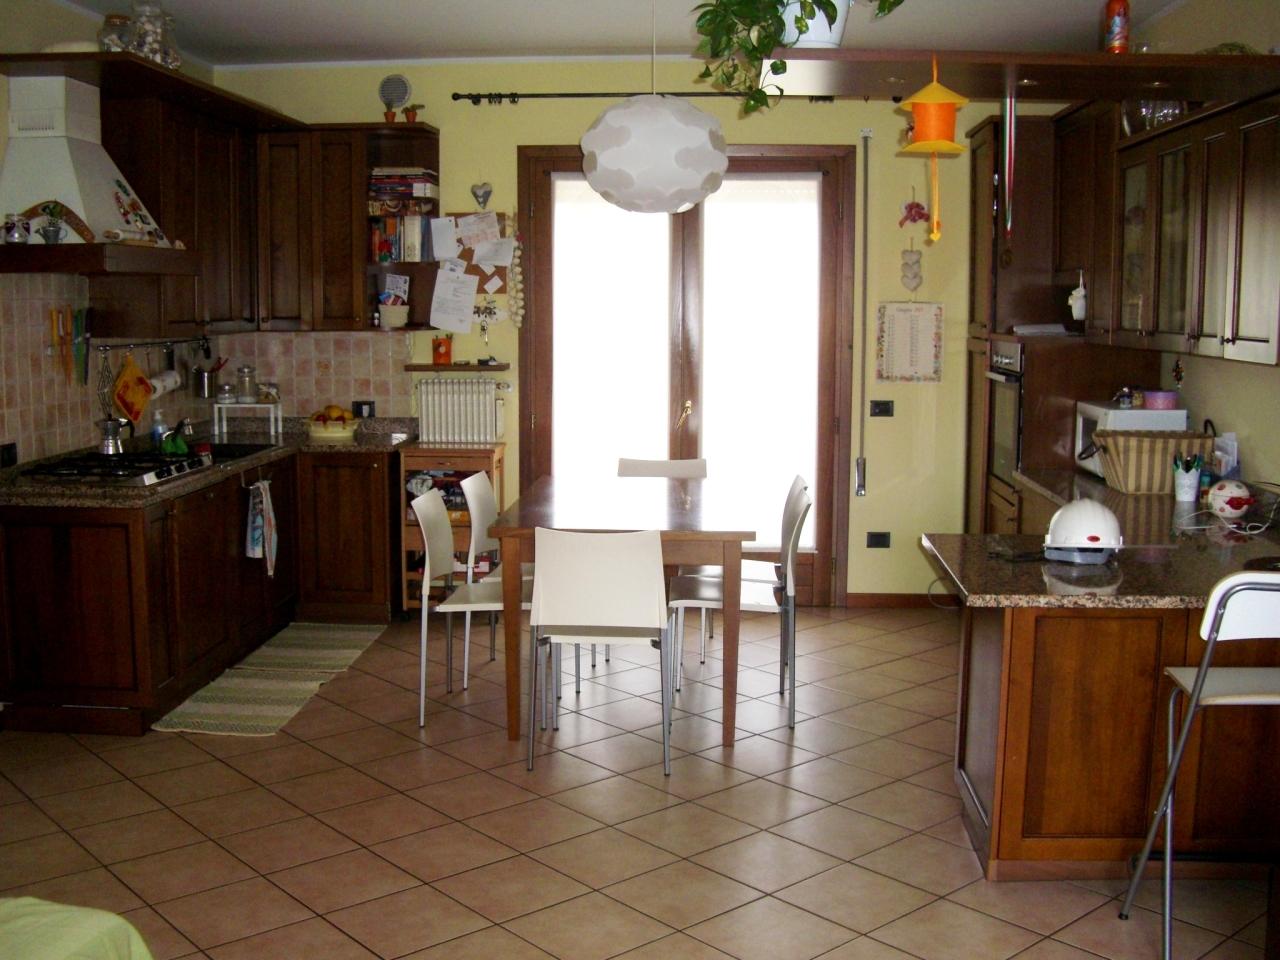 Soluzione Indipendente in vendita a Castelfranco Veneto, 7 locali, prezzo € 175.000 | CambioCasa.it